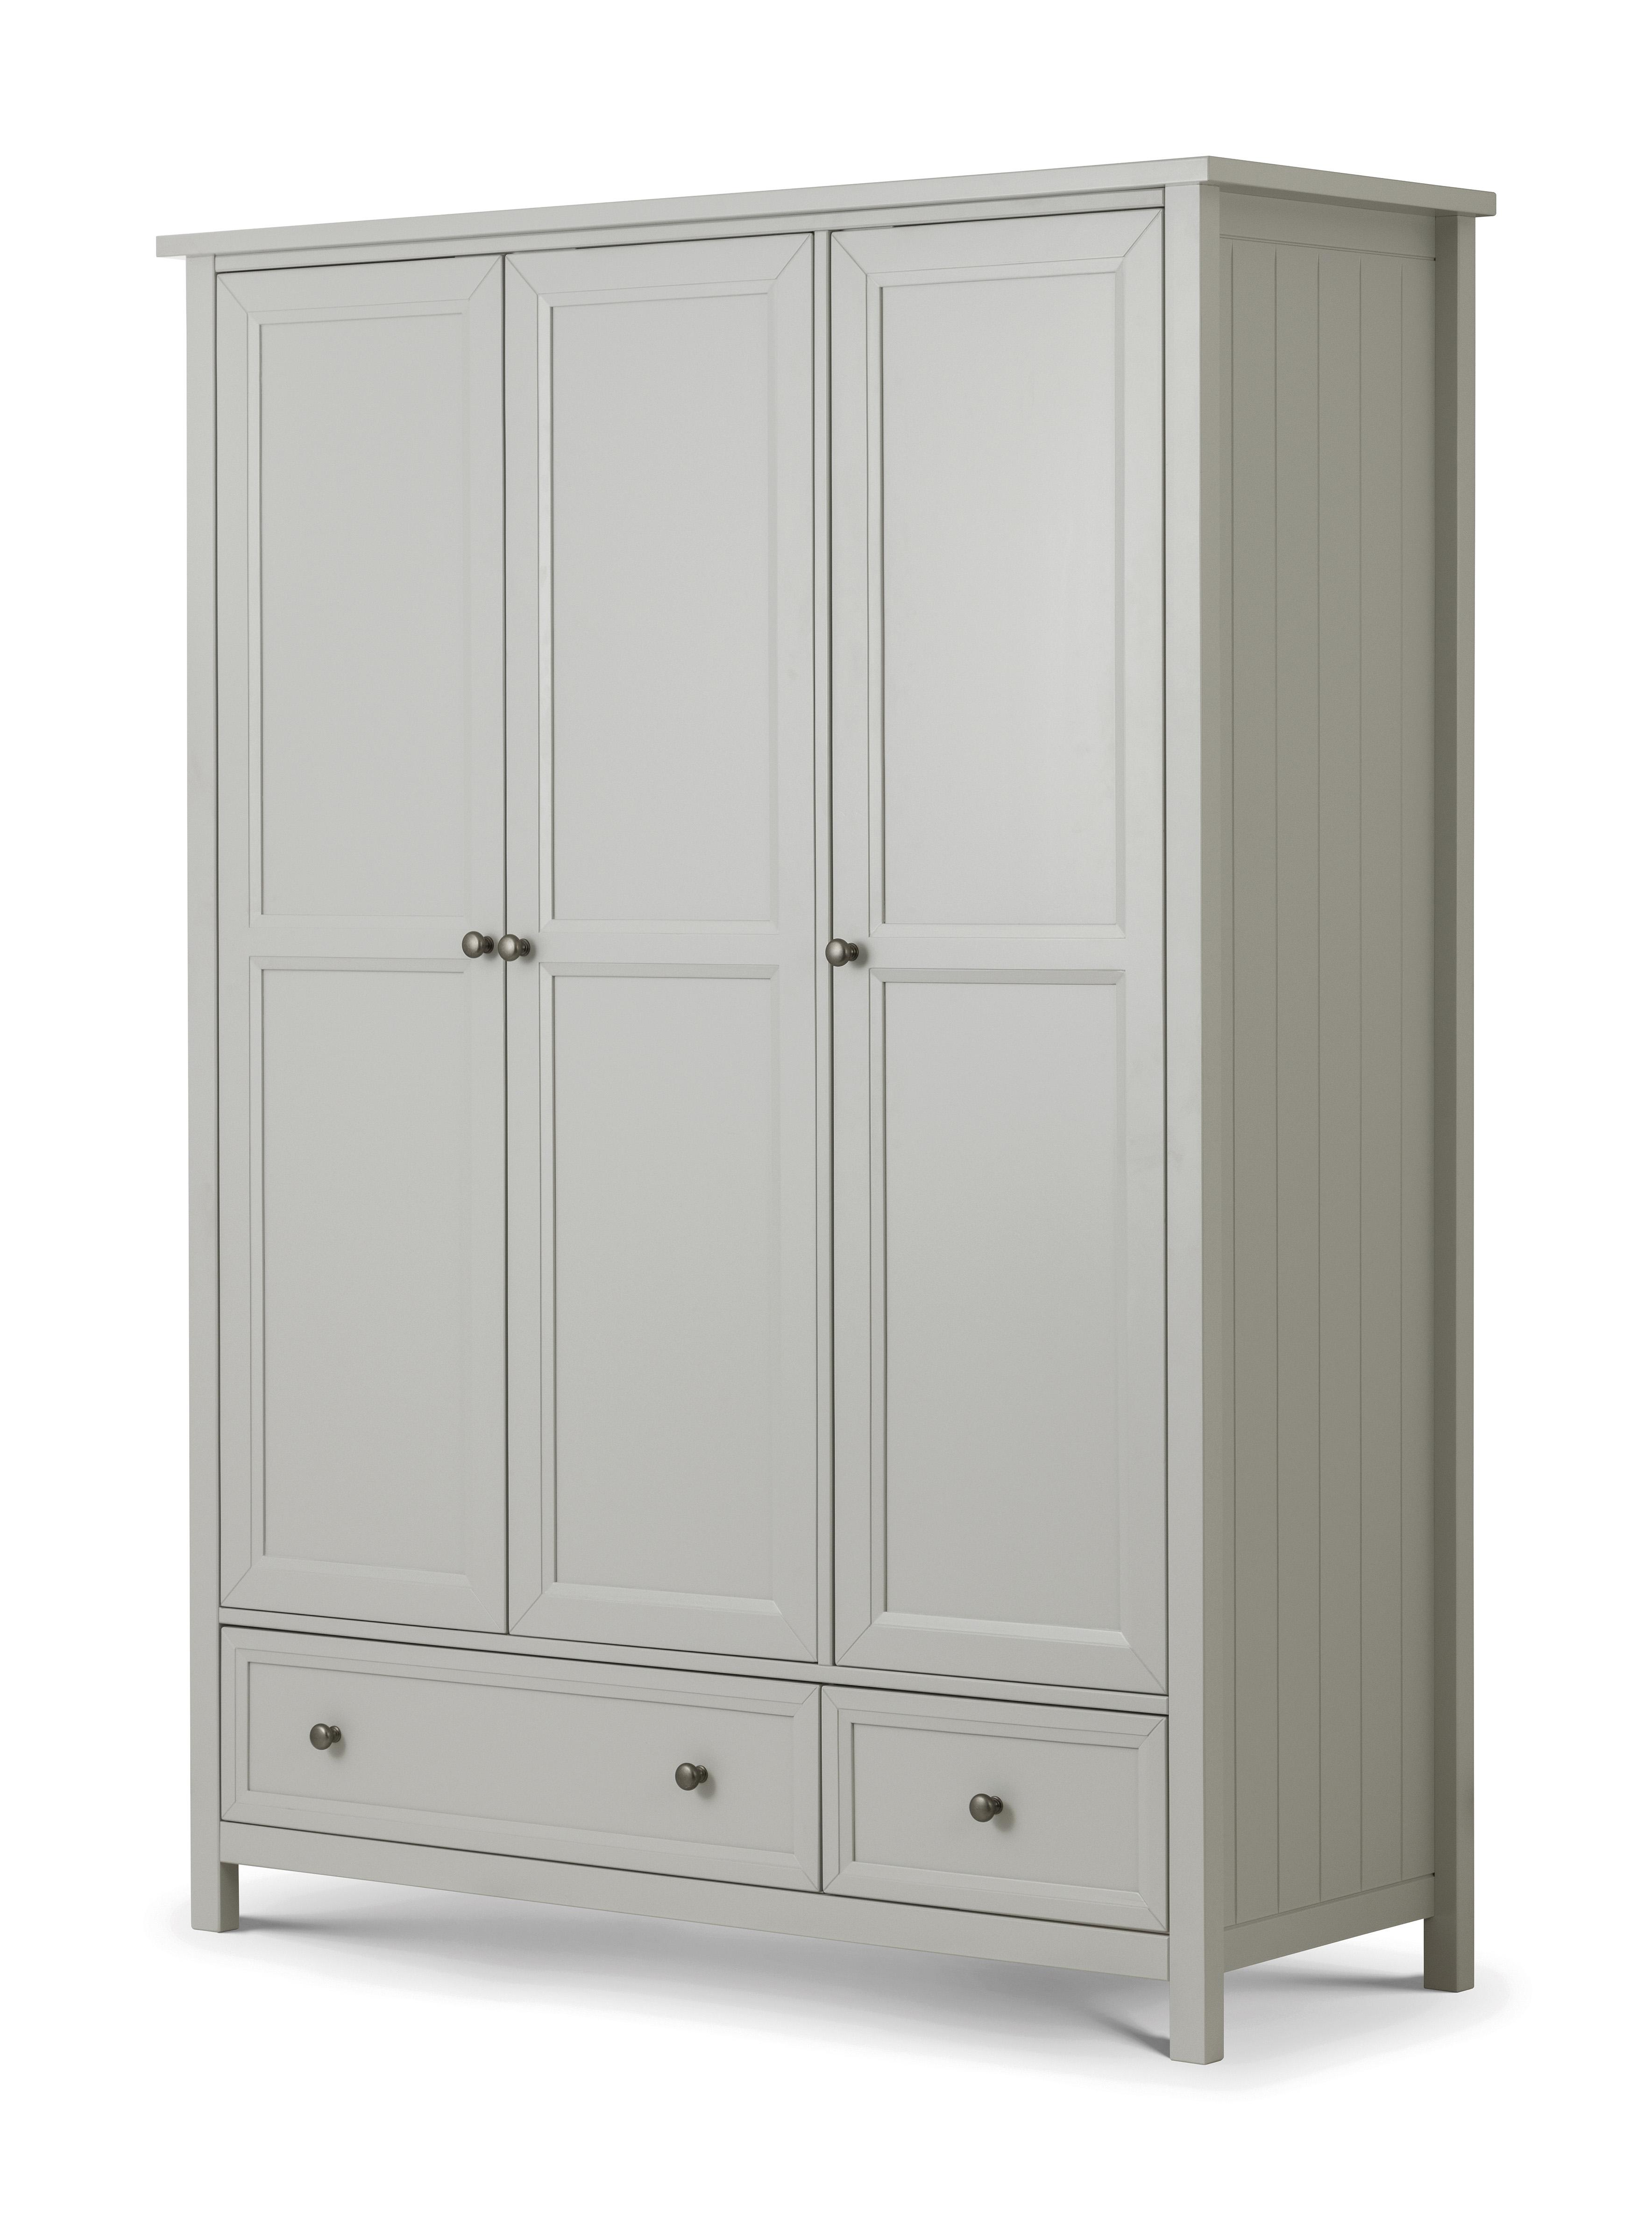 Maine 3 Door Combination Wardrobe  sc 1 st  Atkins Beds u0026 Furniture & Maine 3 Door Combination Wardrobe - Atkins Beds u0026 Furniture - Brand ...